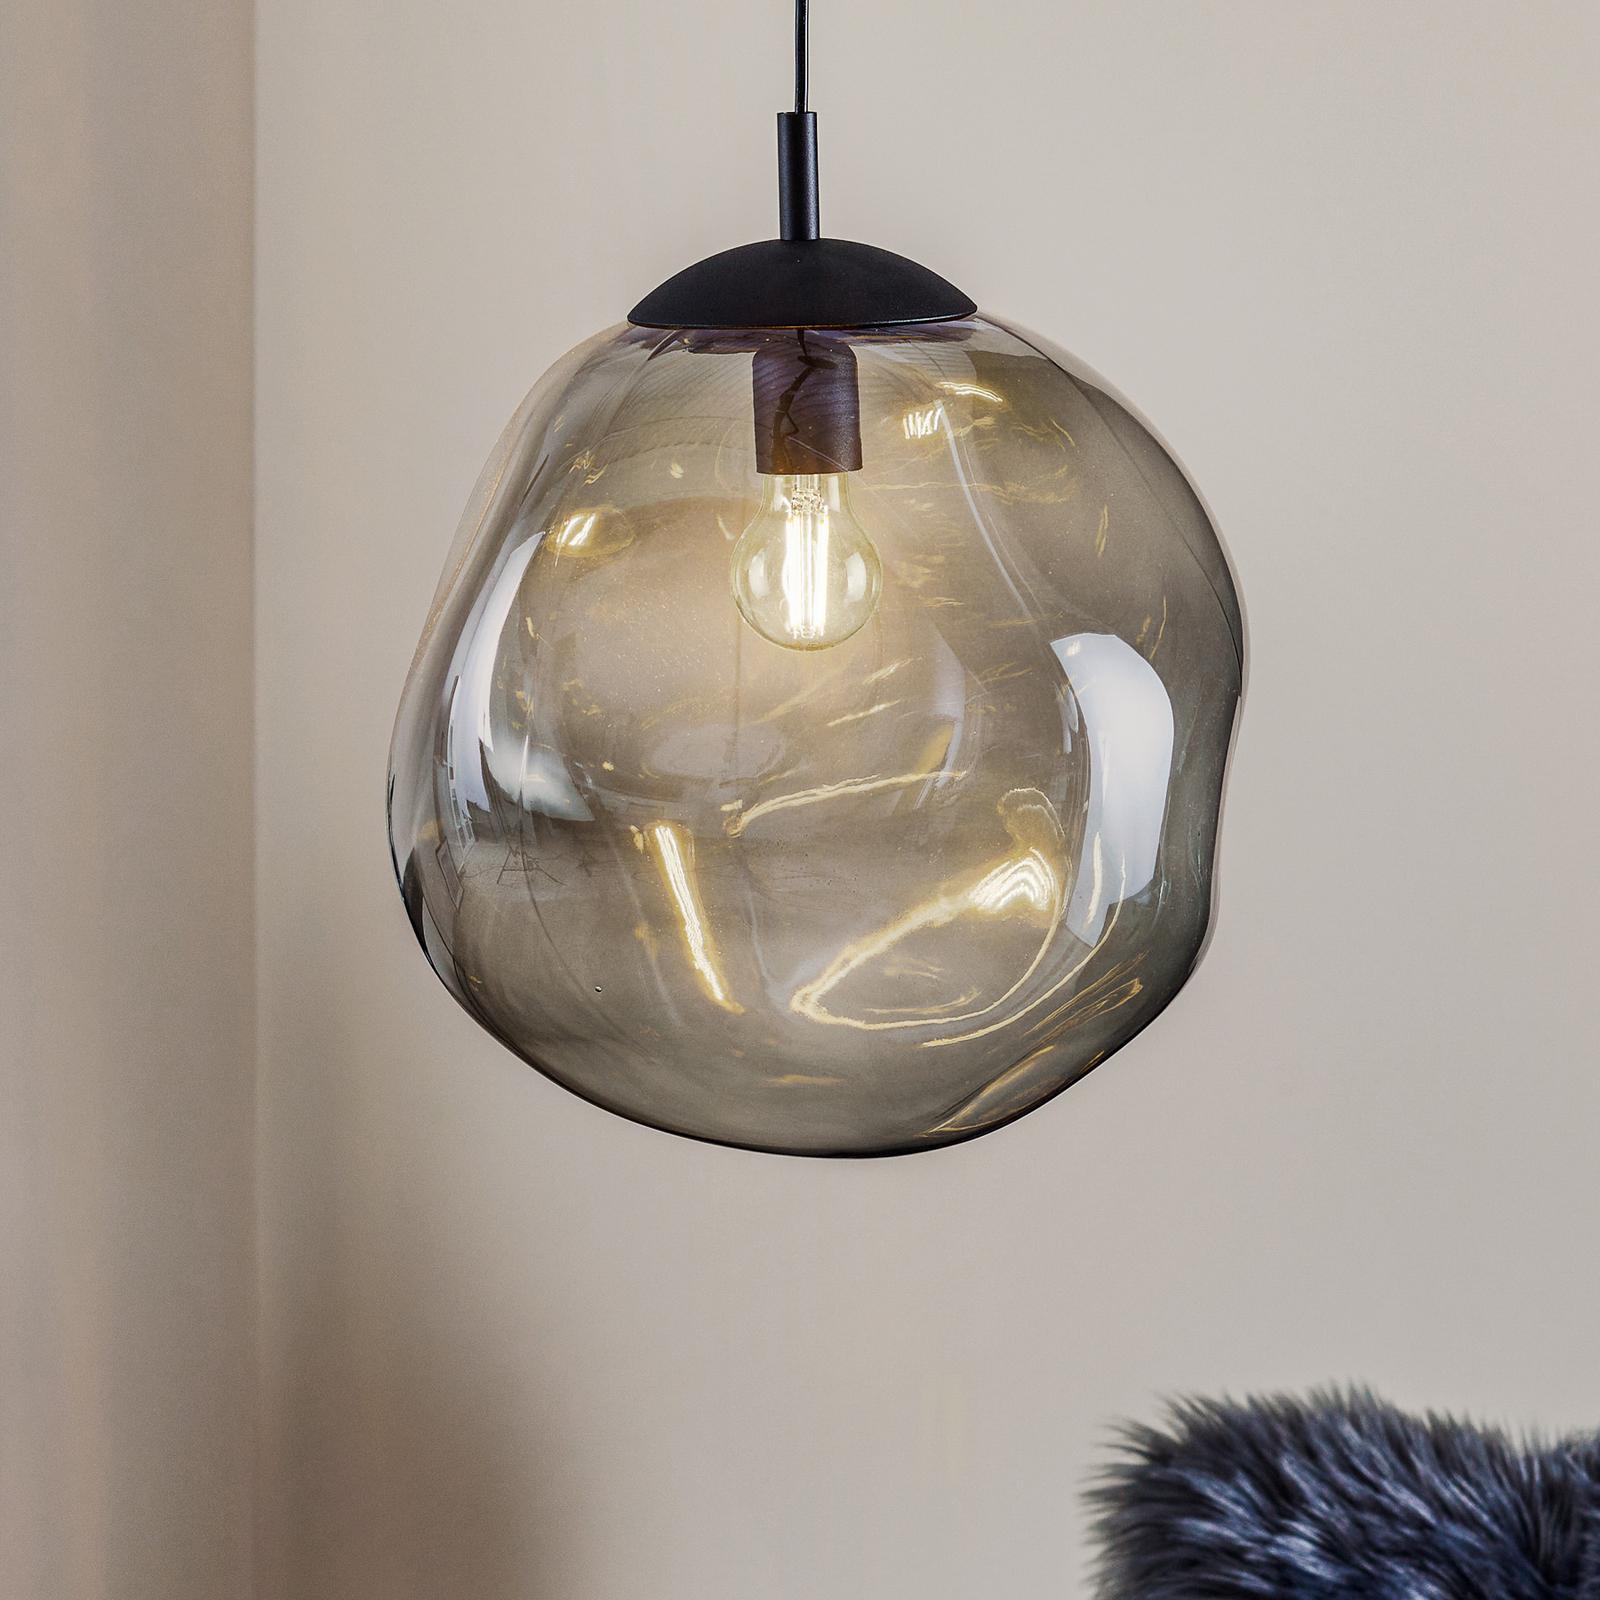 Sol hængelampe af glas, sort, grafit